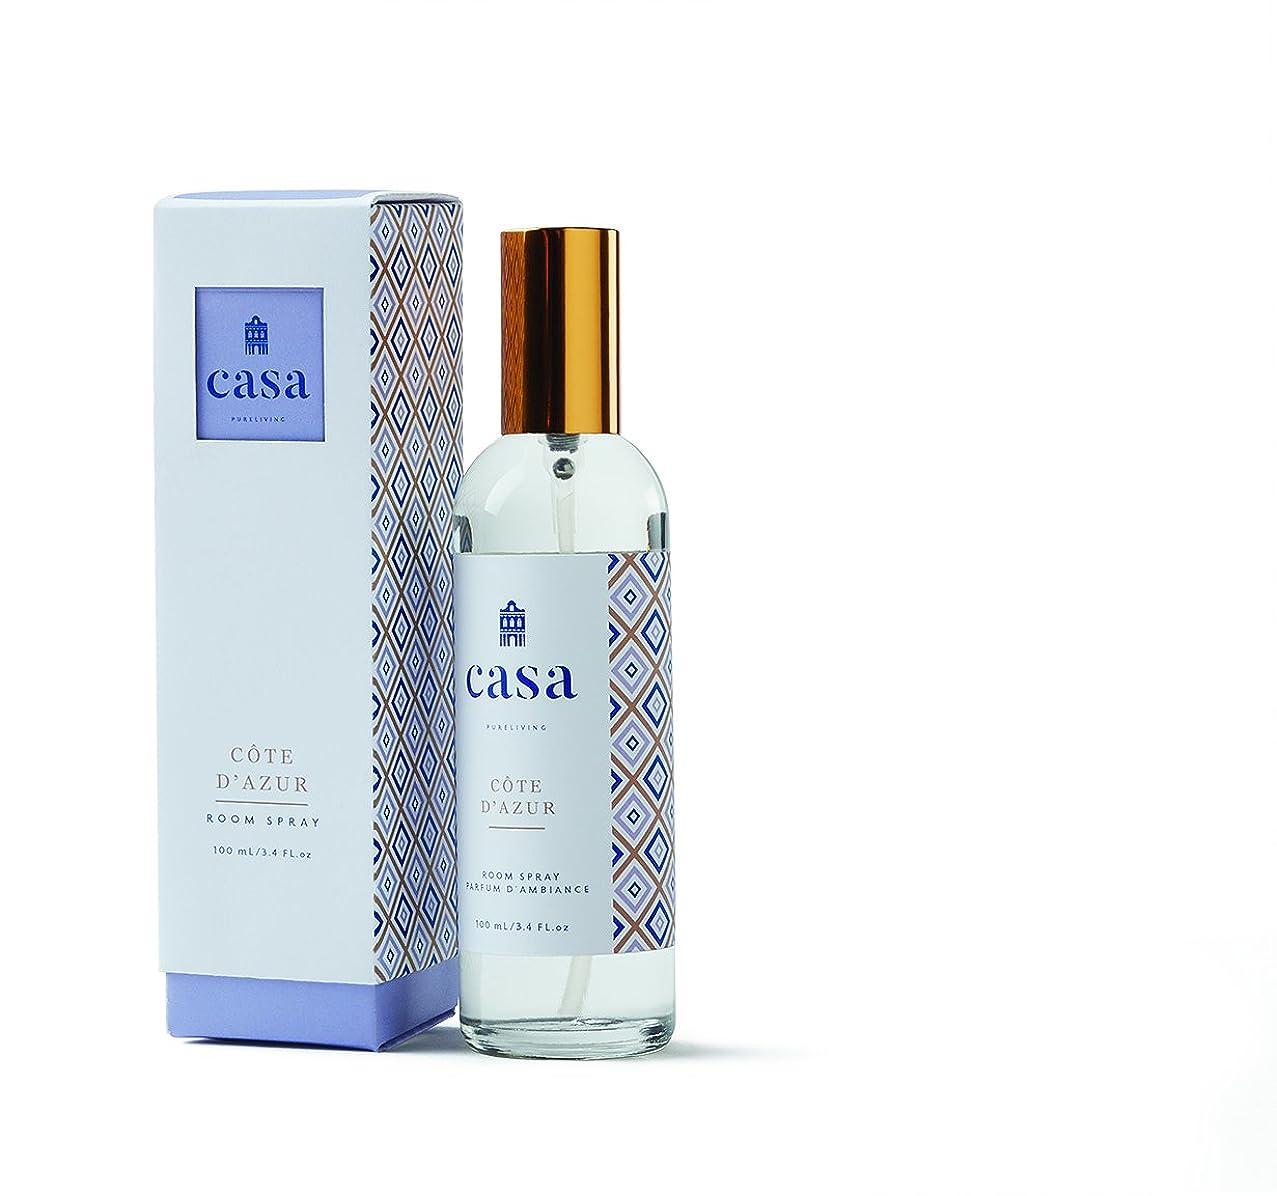 裁判所主人問題CASA カーサ ルームスプレー ブルー メディタレアン ミスト Room Spray Mediterranean Mist ピュアリビング Pureliving